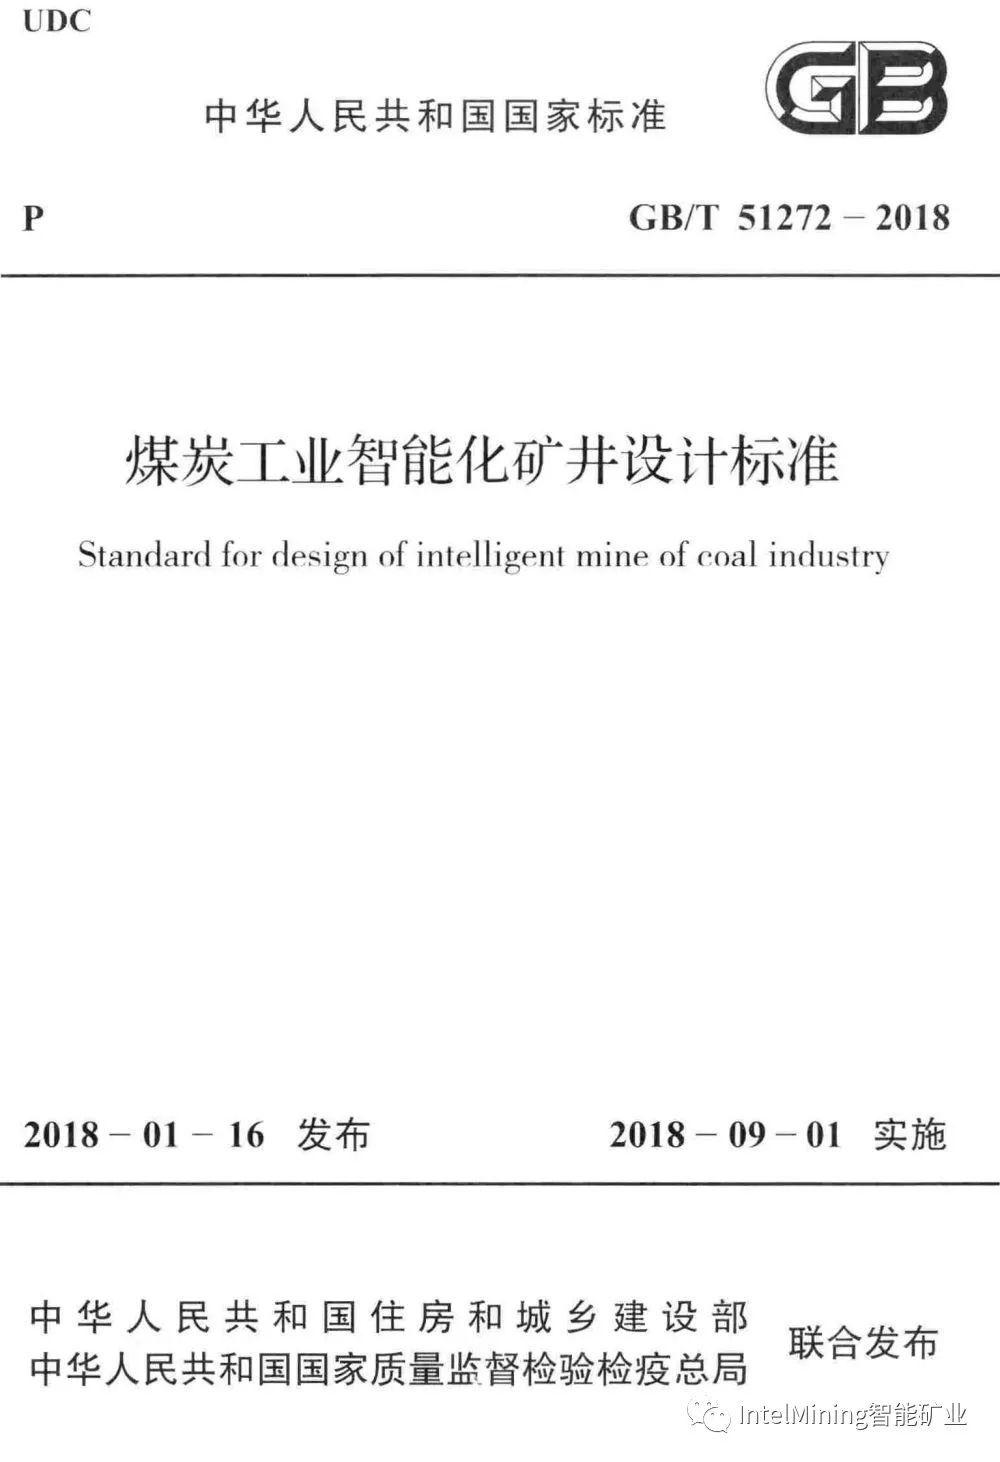 《煤炭工业智能化矿井设计标准》实施,免费下载!